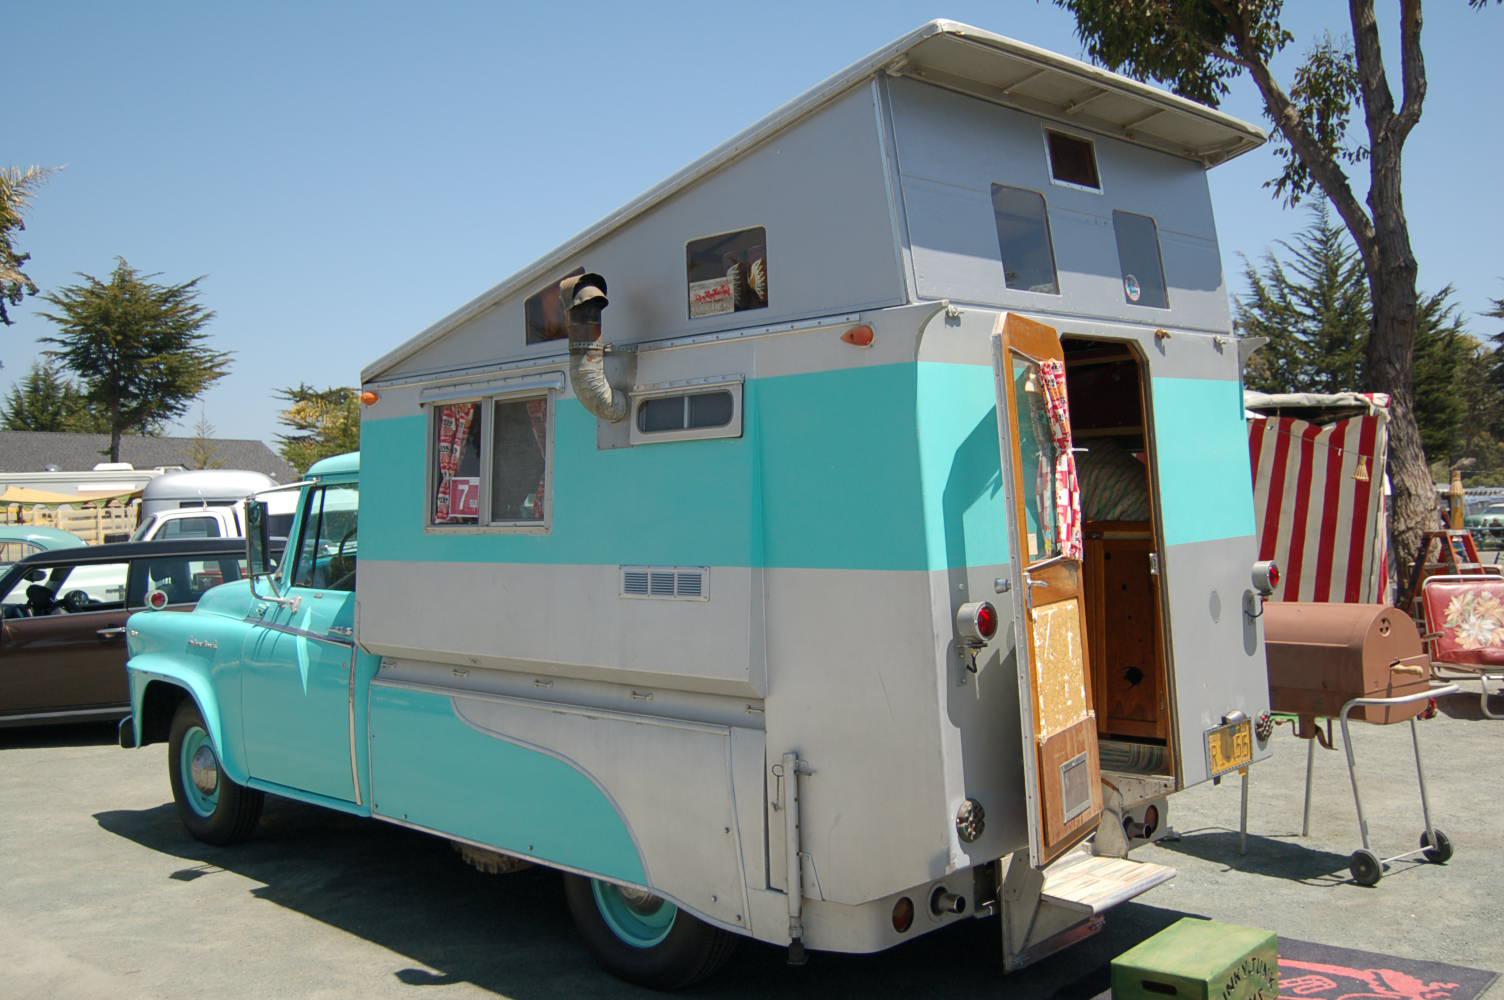 Vintage Truck Based Camper Trailers From Oldtrailer Com